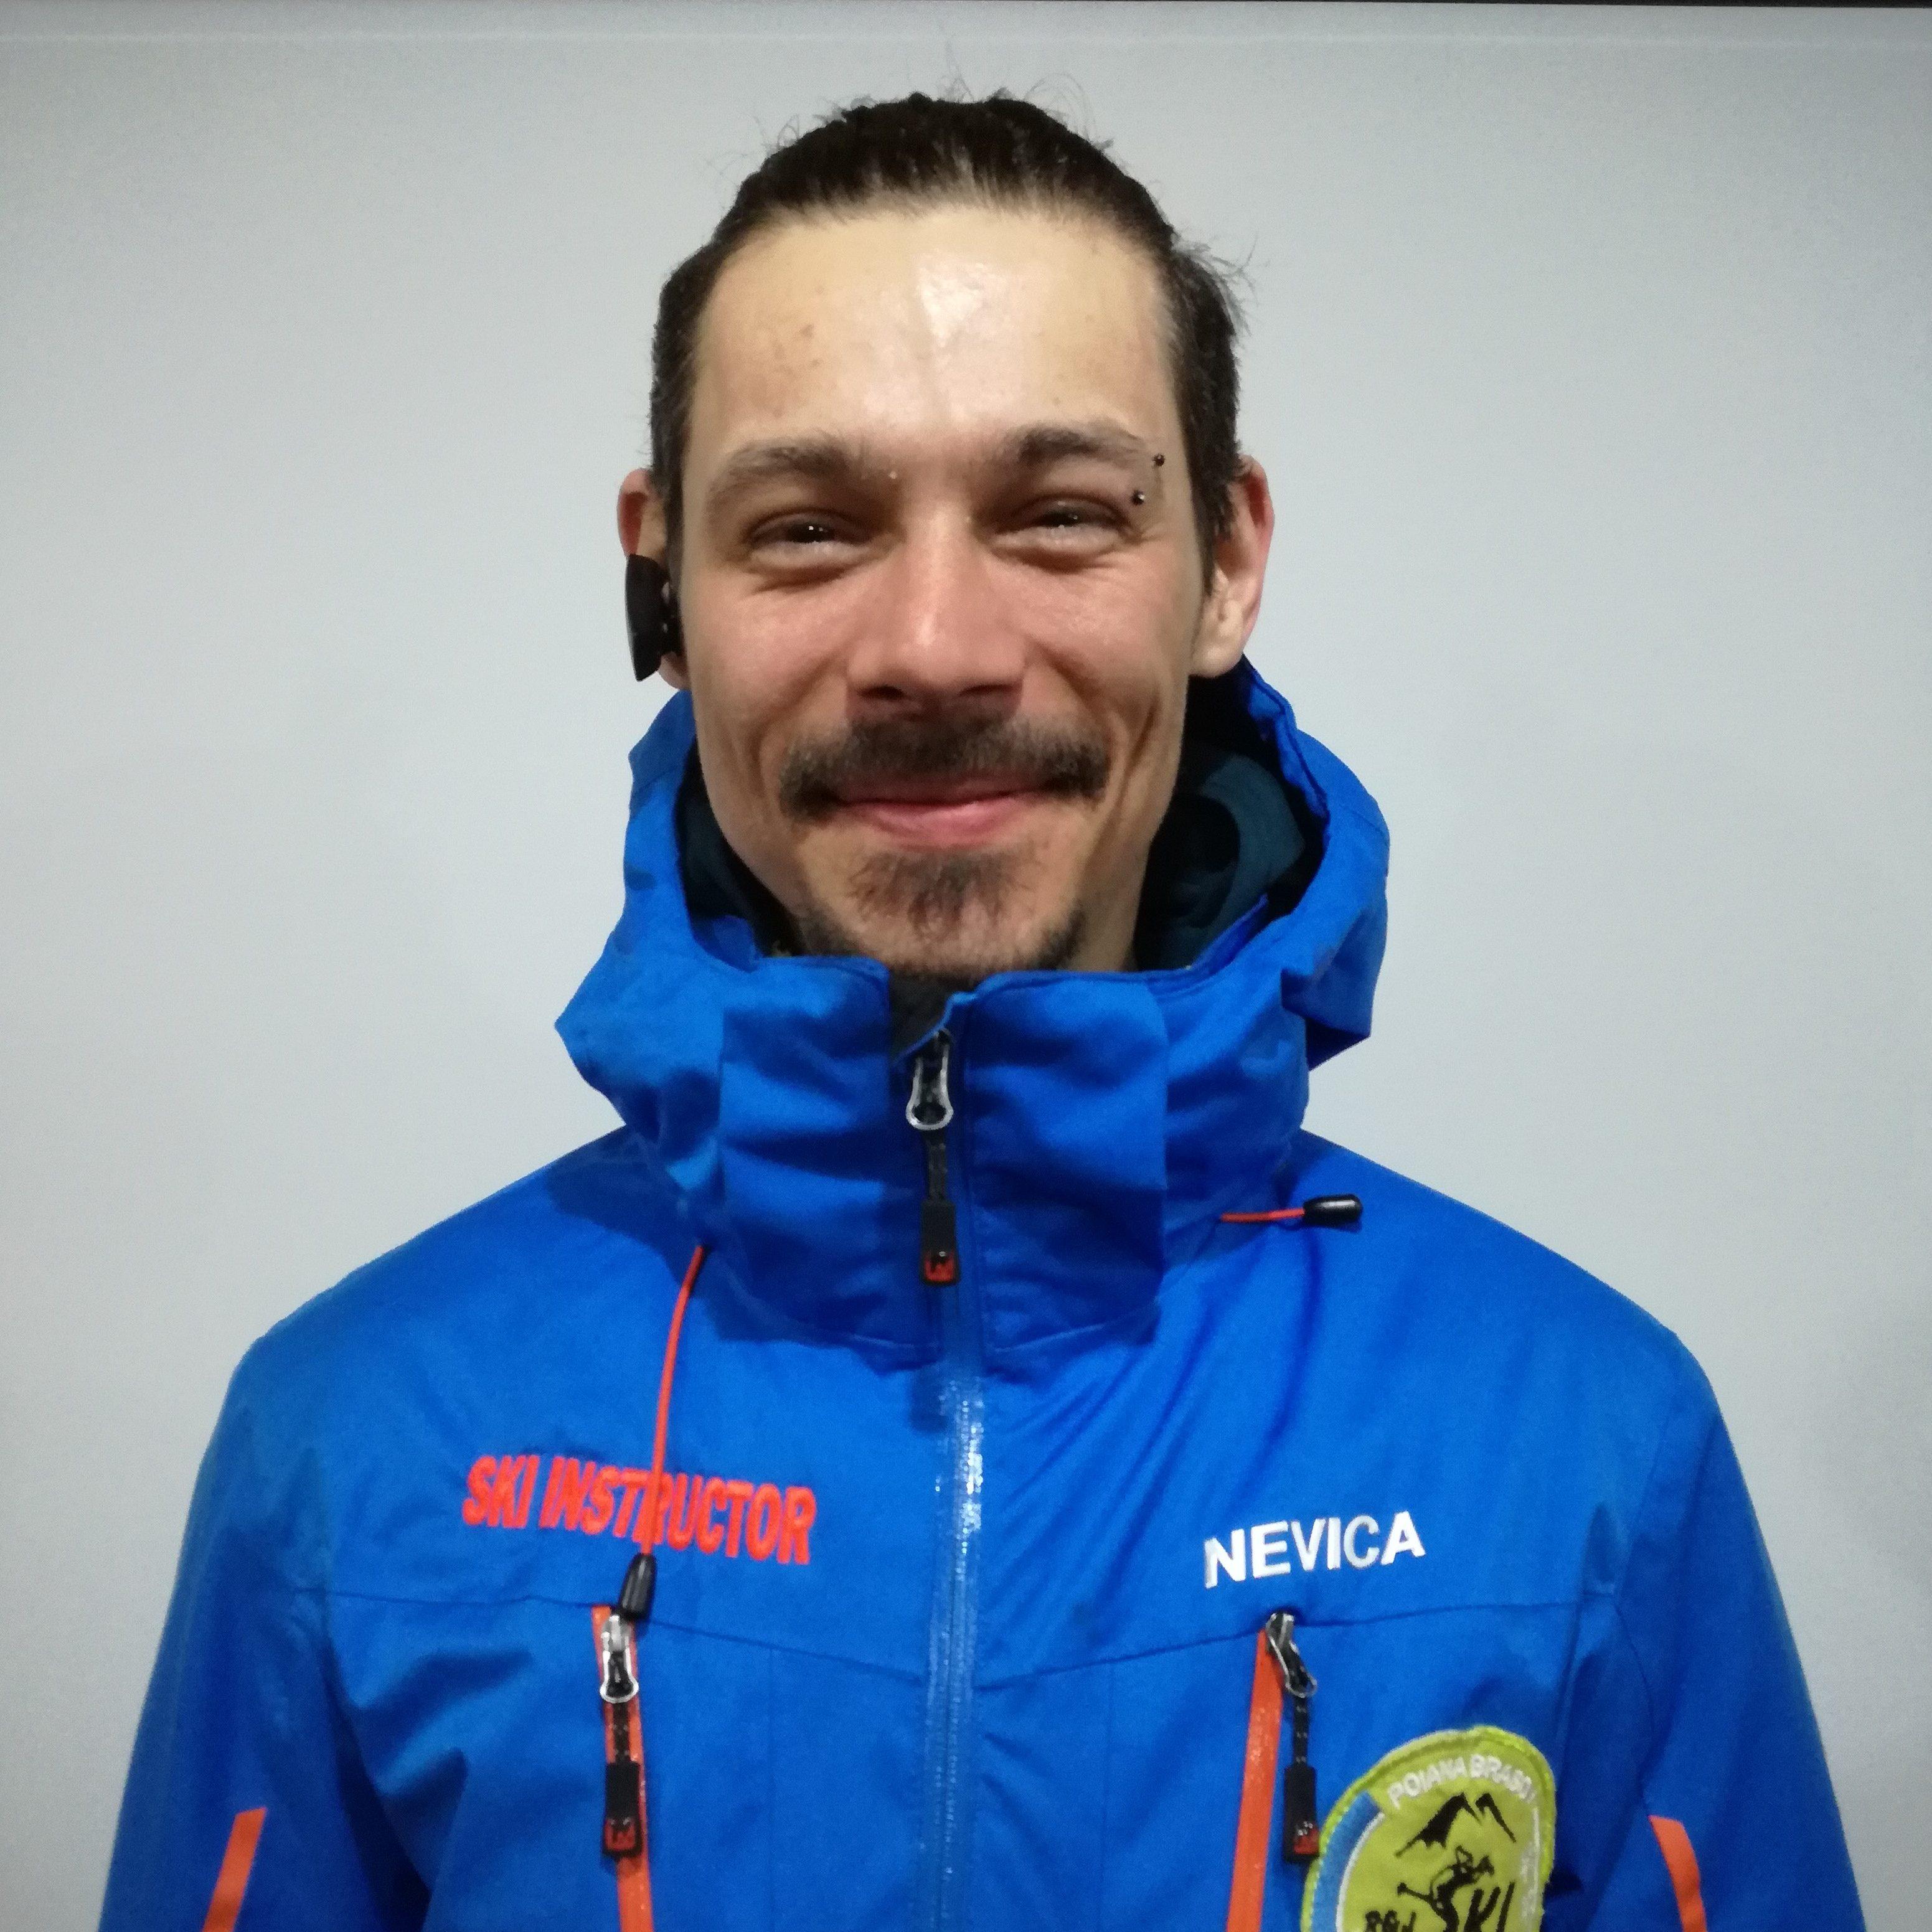 Snowboard Instructor at R&J Ski School from Poiana Brasov | Monitor de ski la R&J Scoala de ski din Poiana Brasov